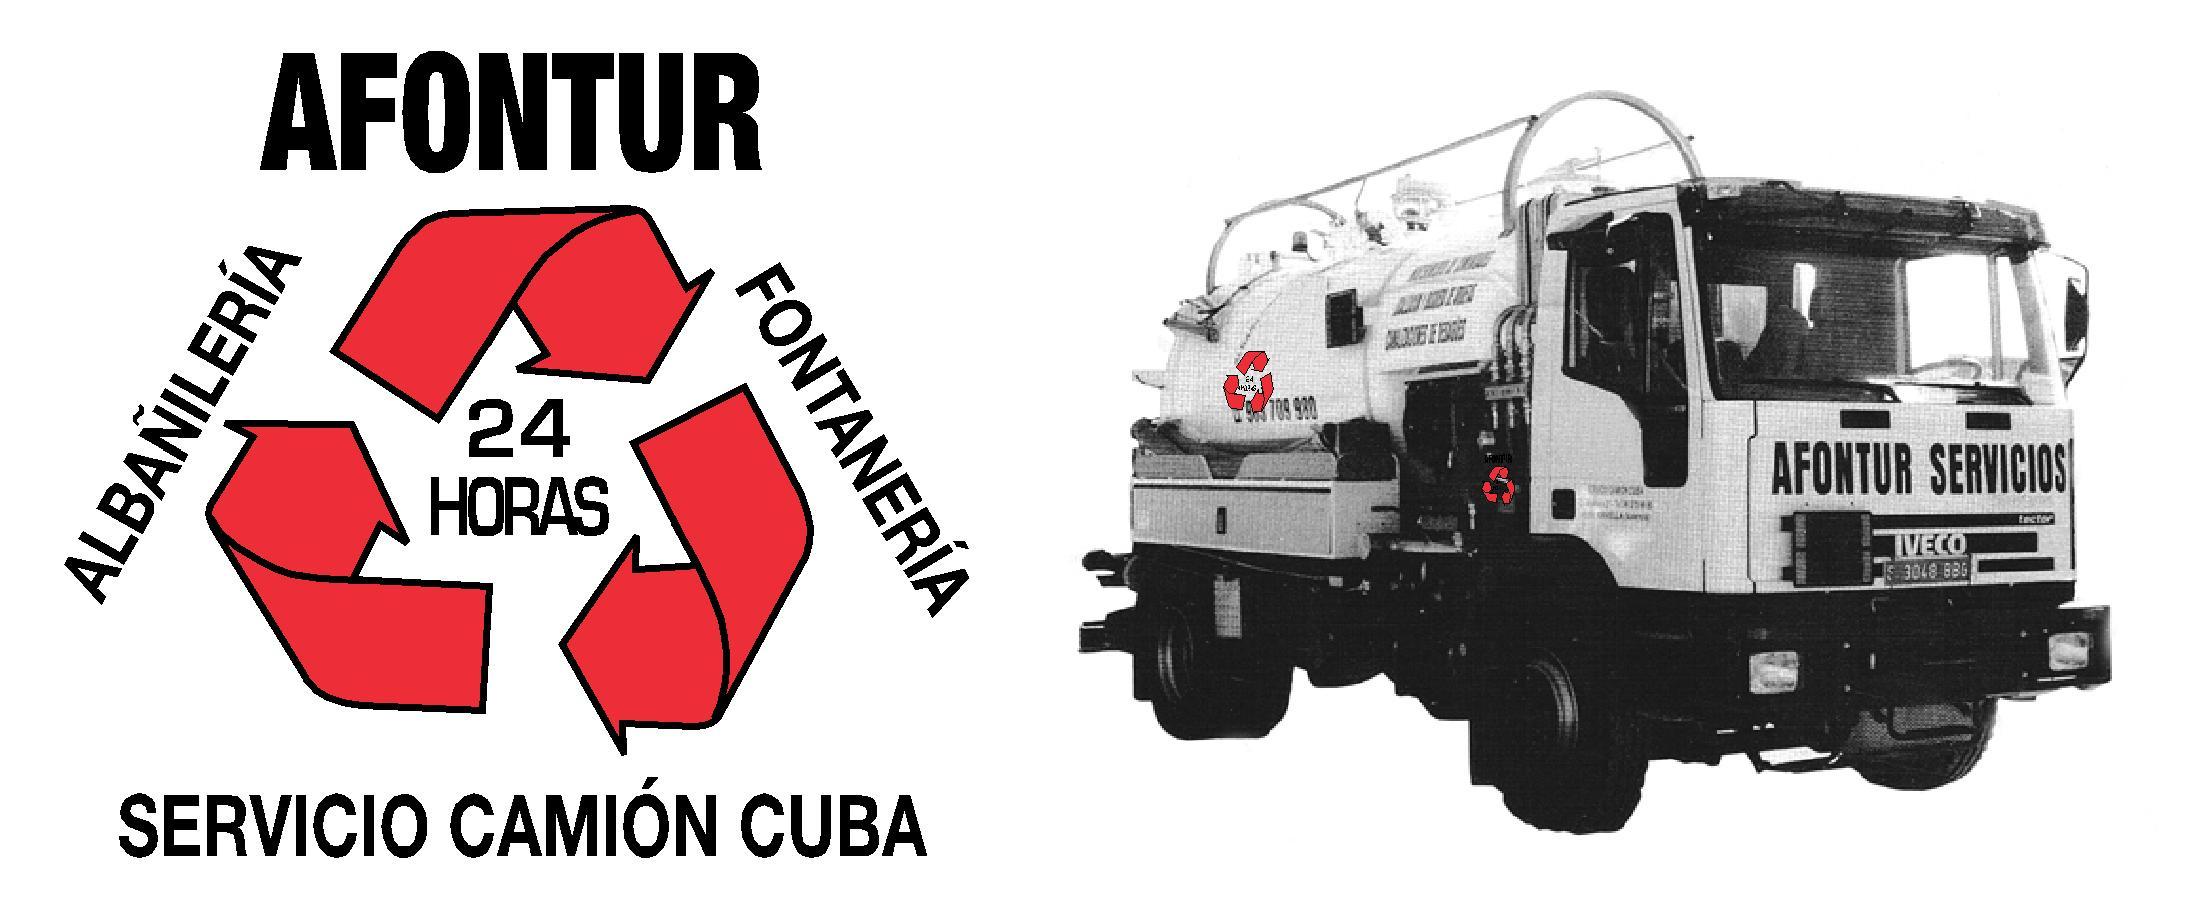 Cubas Afontur Servicios